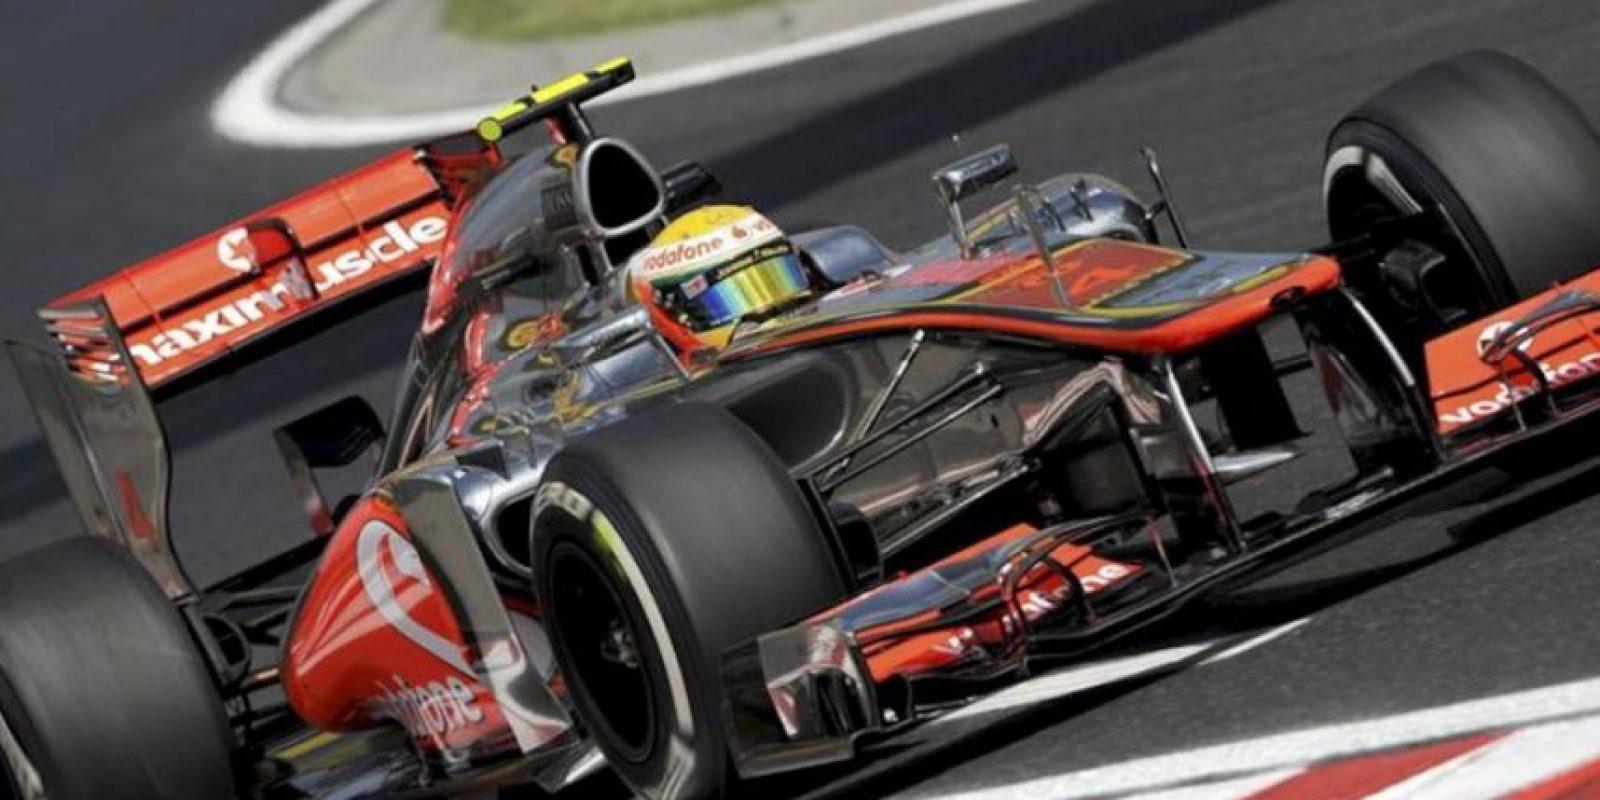 El piloto británico de Fórmula Uno Lewis Hamilton, de McLaren, durante los entrenamientos libres en el circuito Hungaroing en Mogyorod en Hungría. EFE